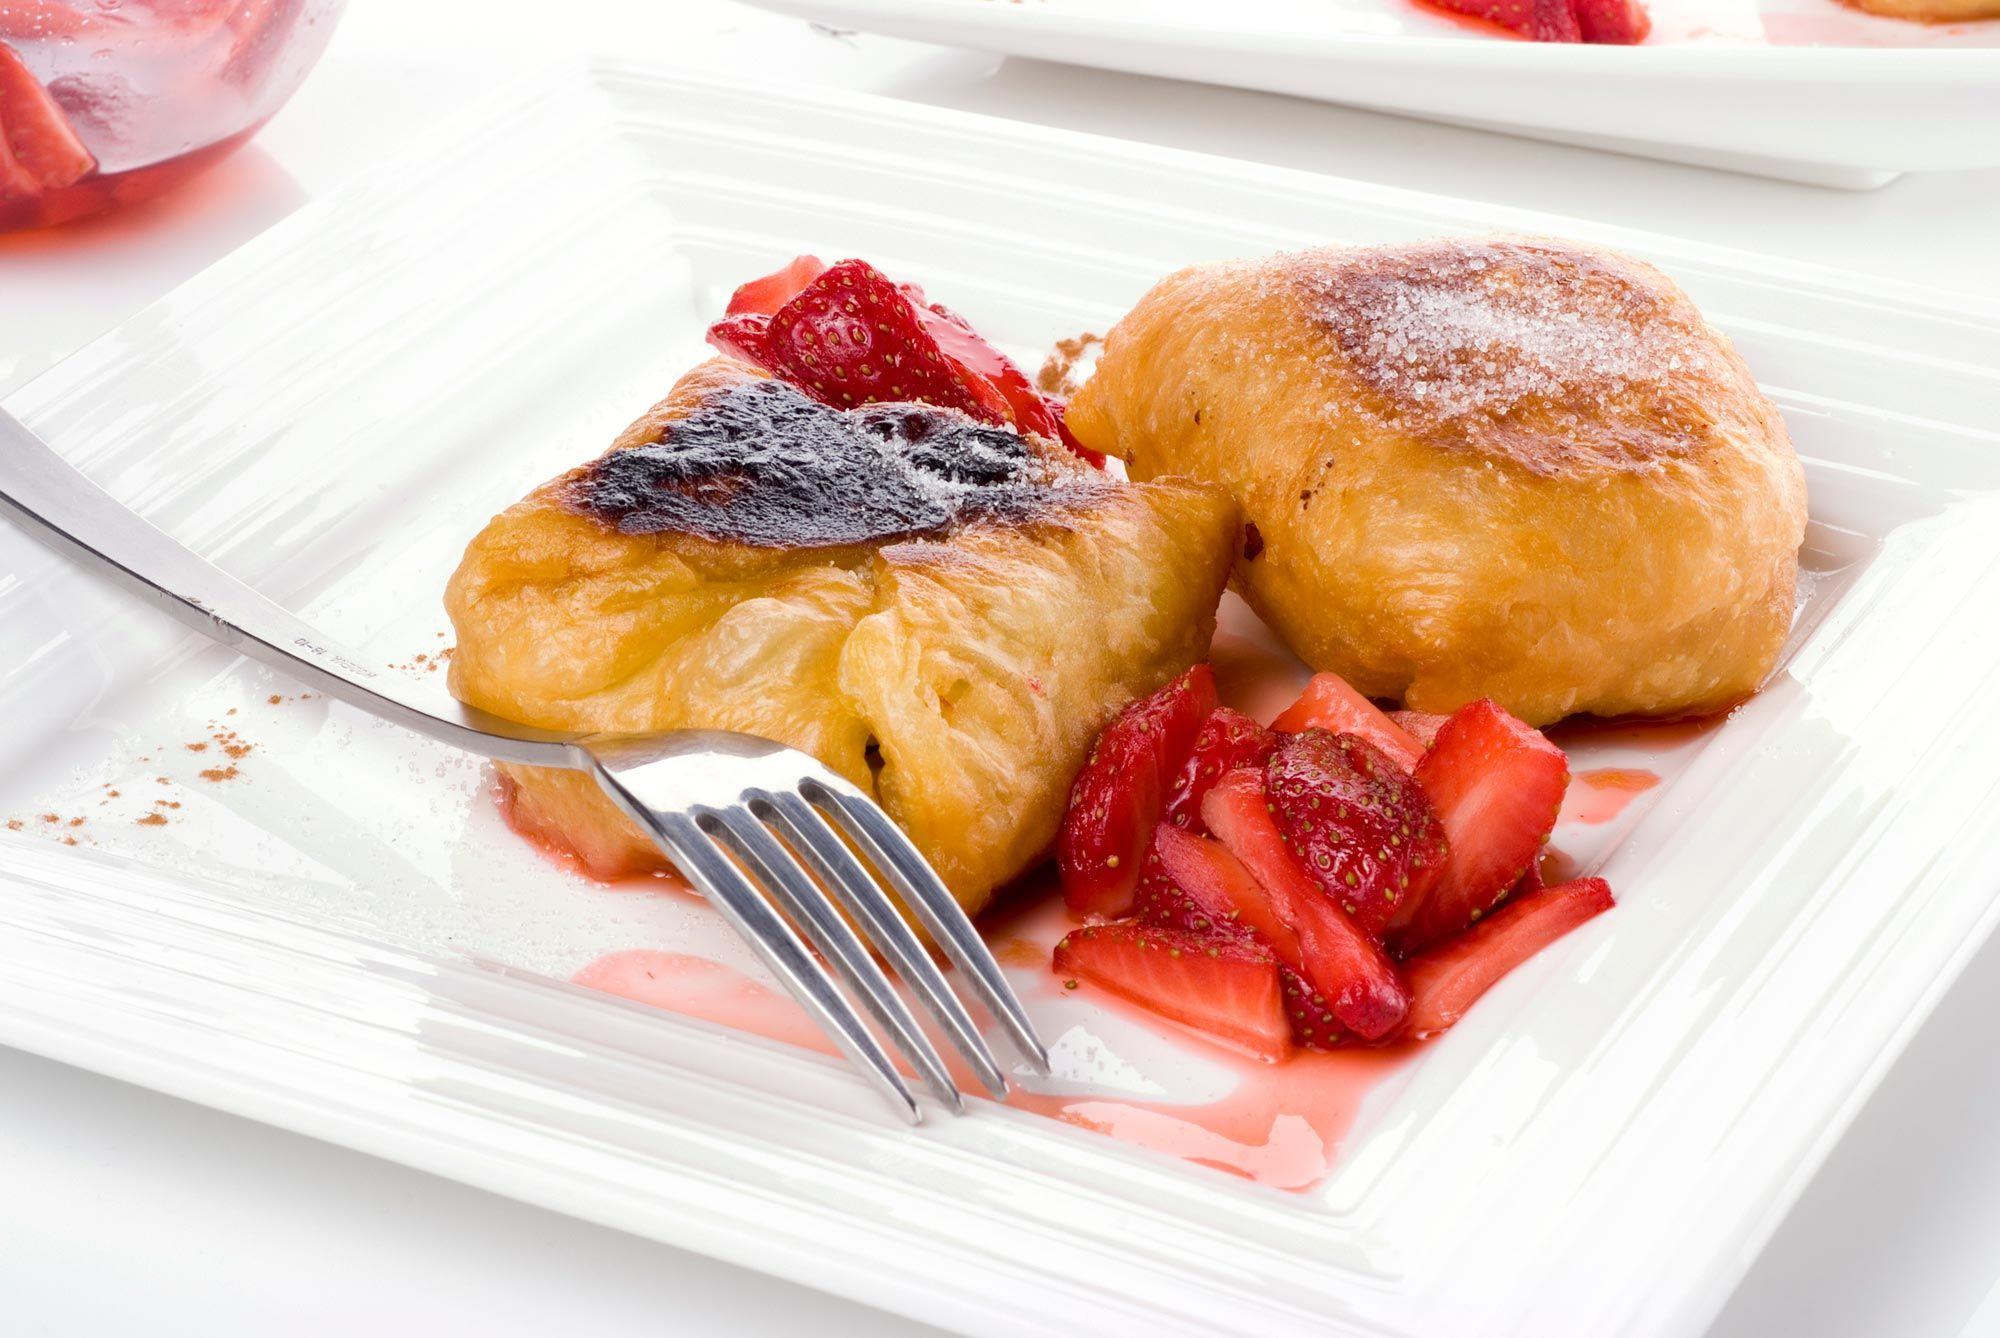 Dulces típicos de Carnaval, ¡las mejores recetas! - Casadielles